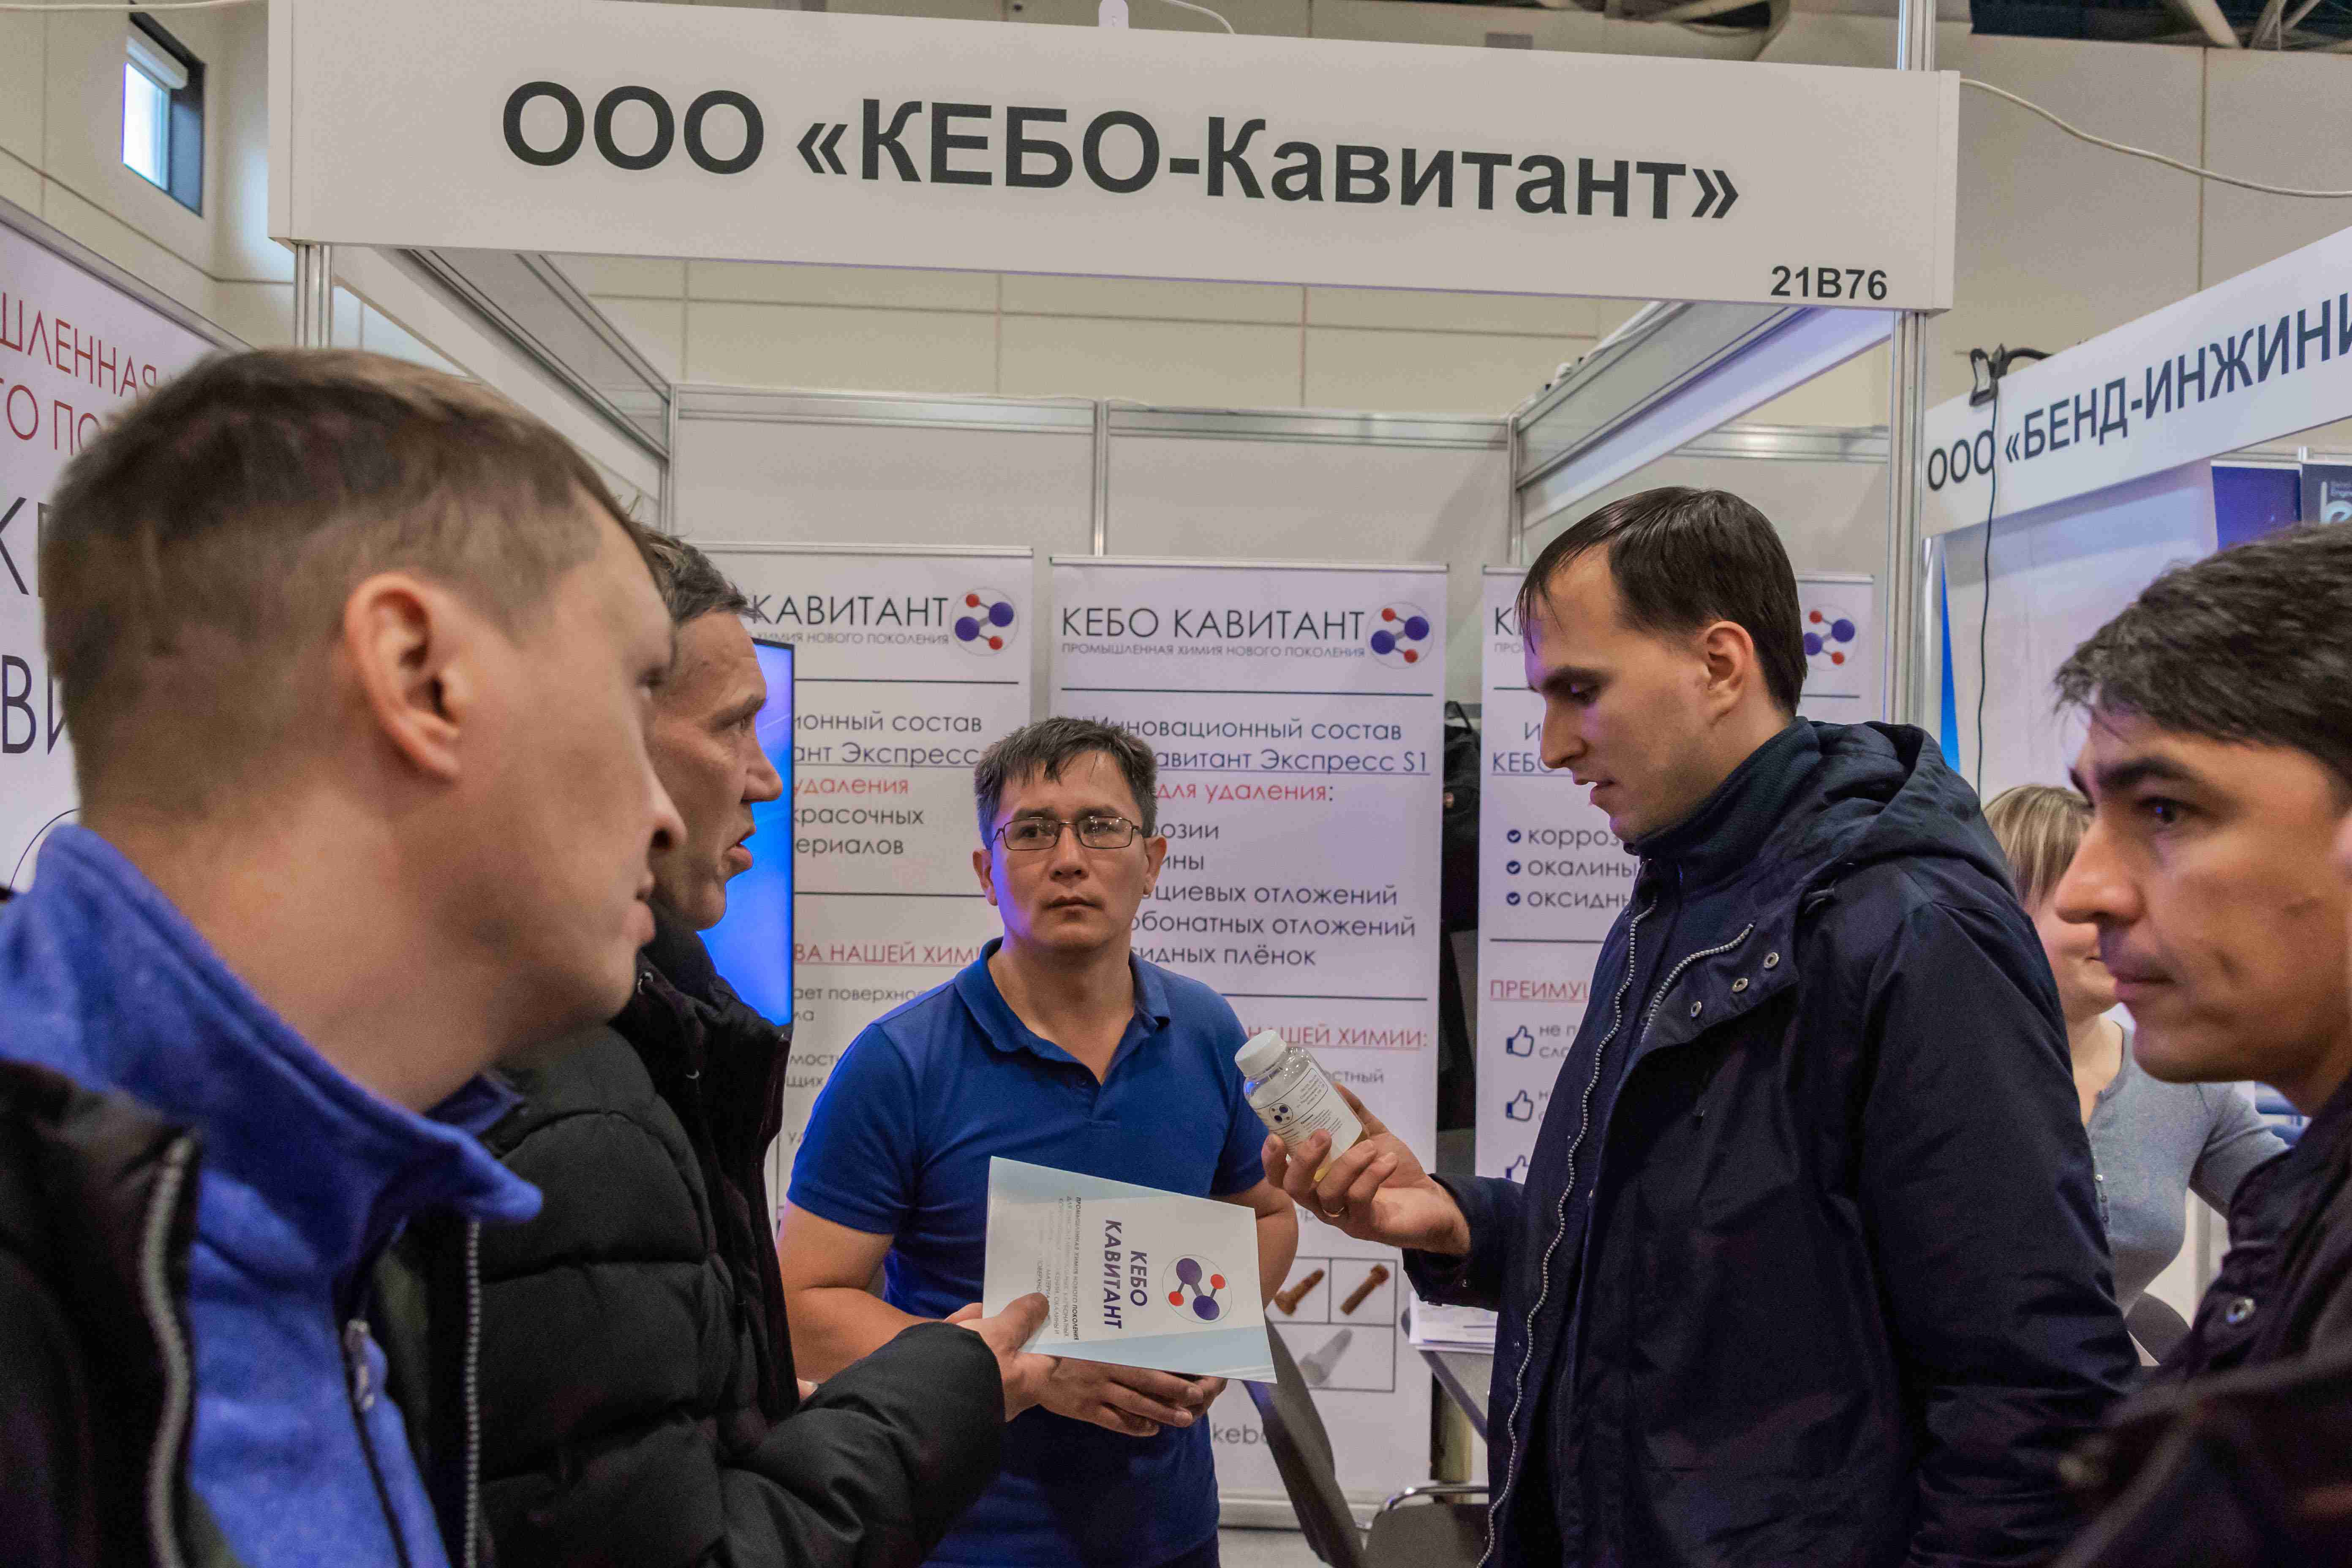 Пресс-релиз выставки Химия-2019